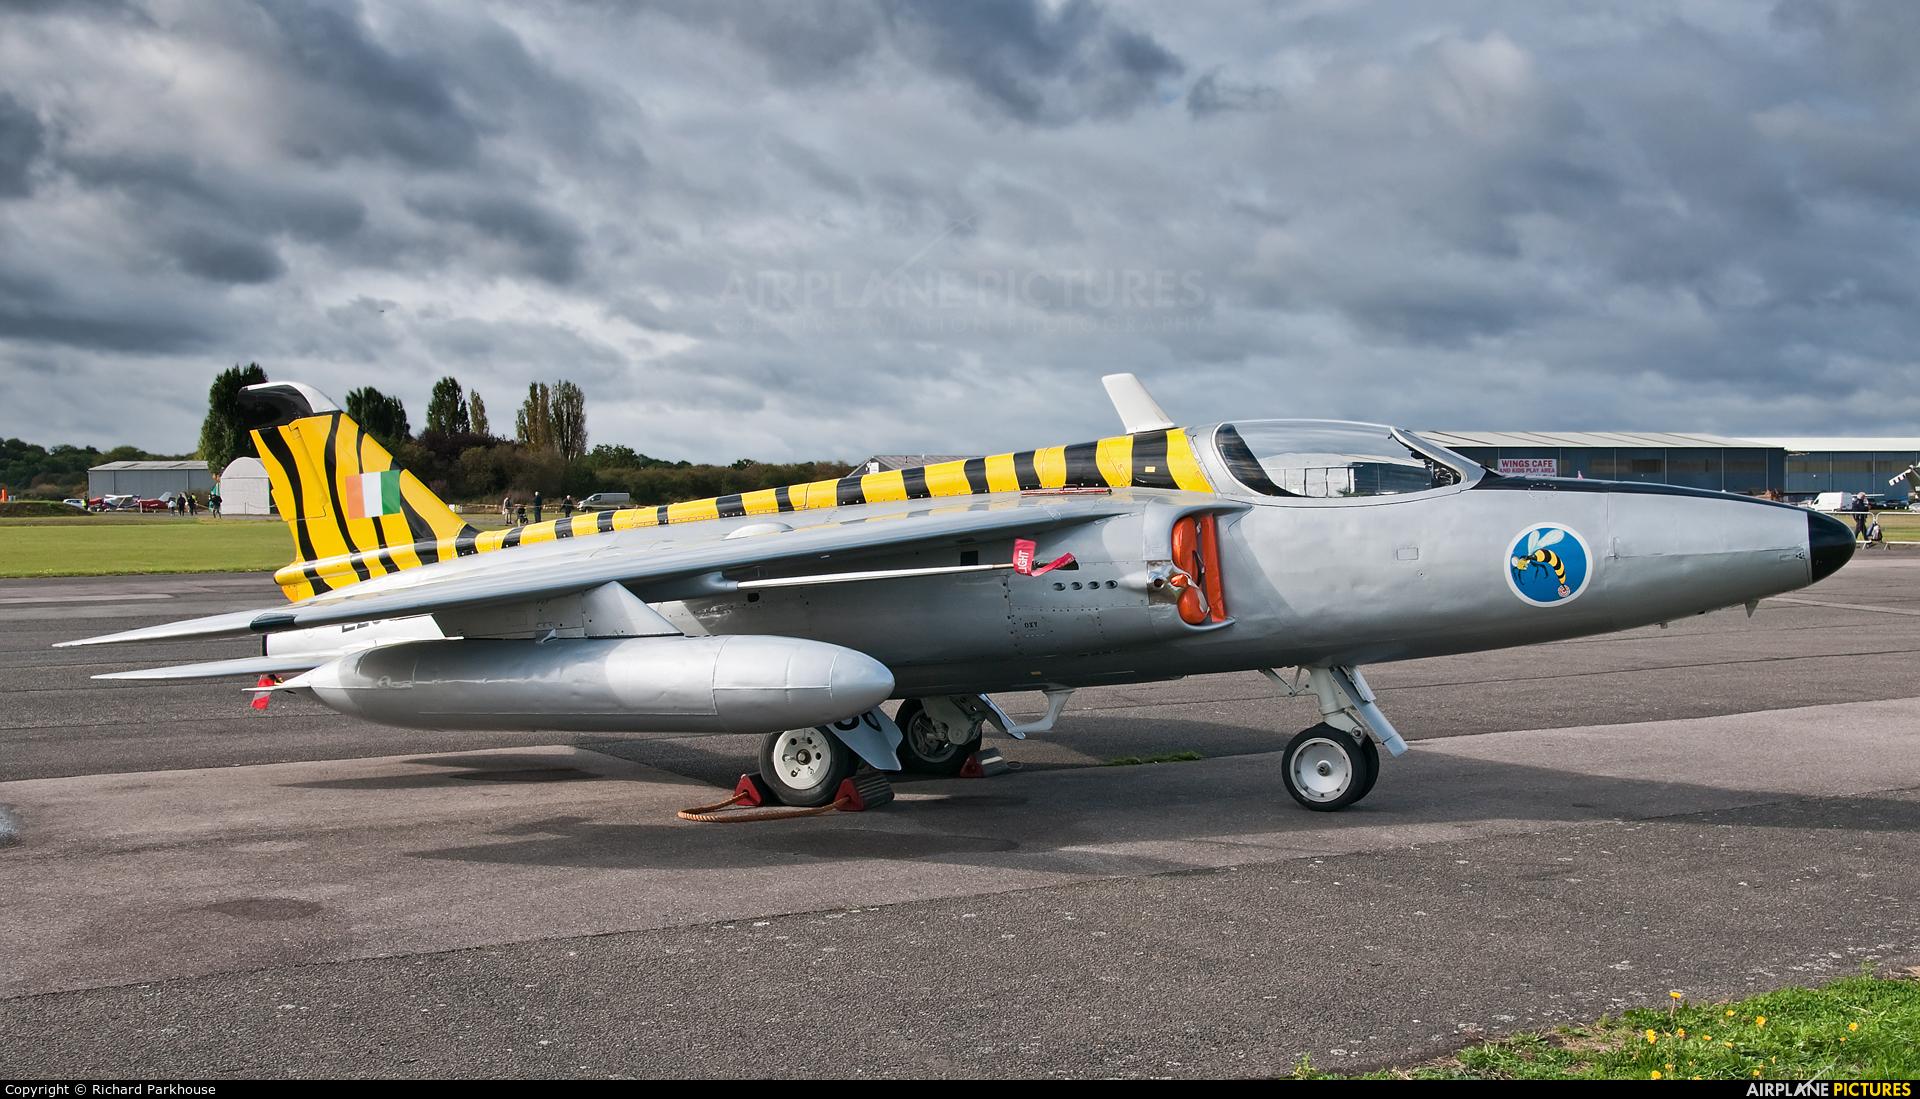 Heritage Aircraft G-SLYR aircraft at North Weald